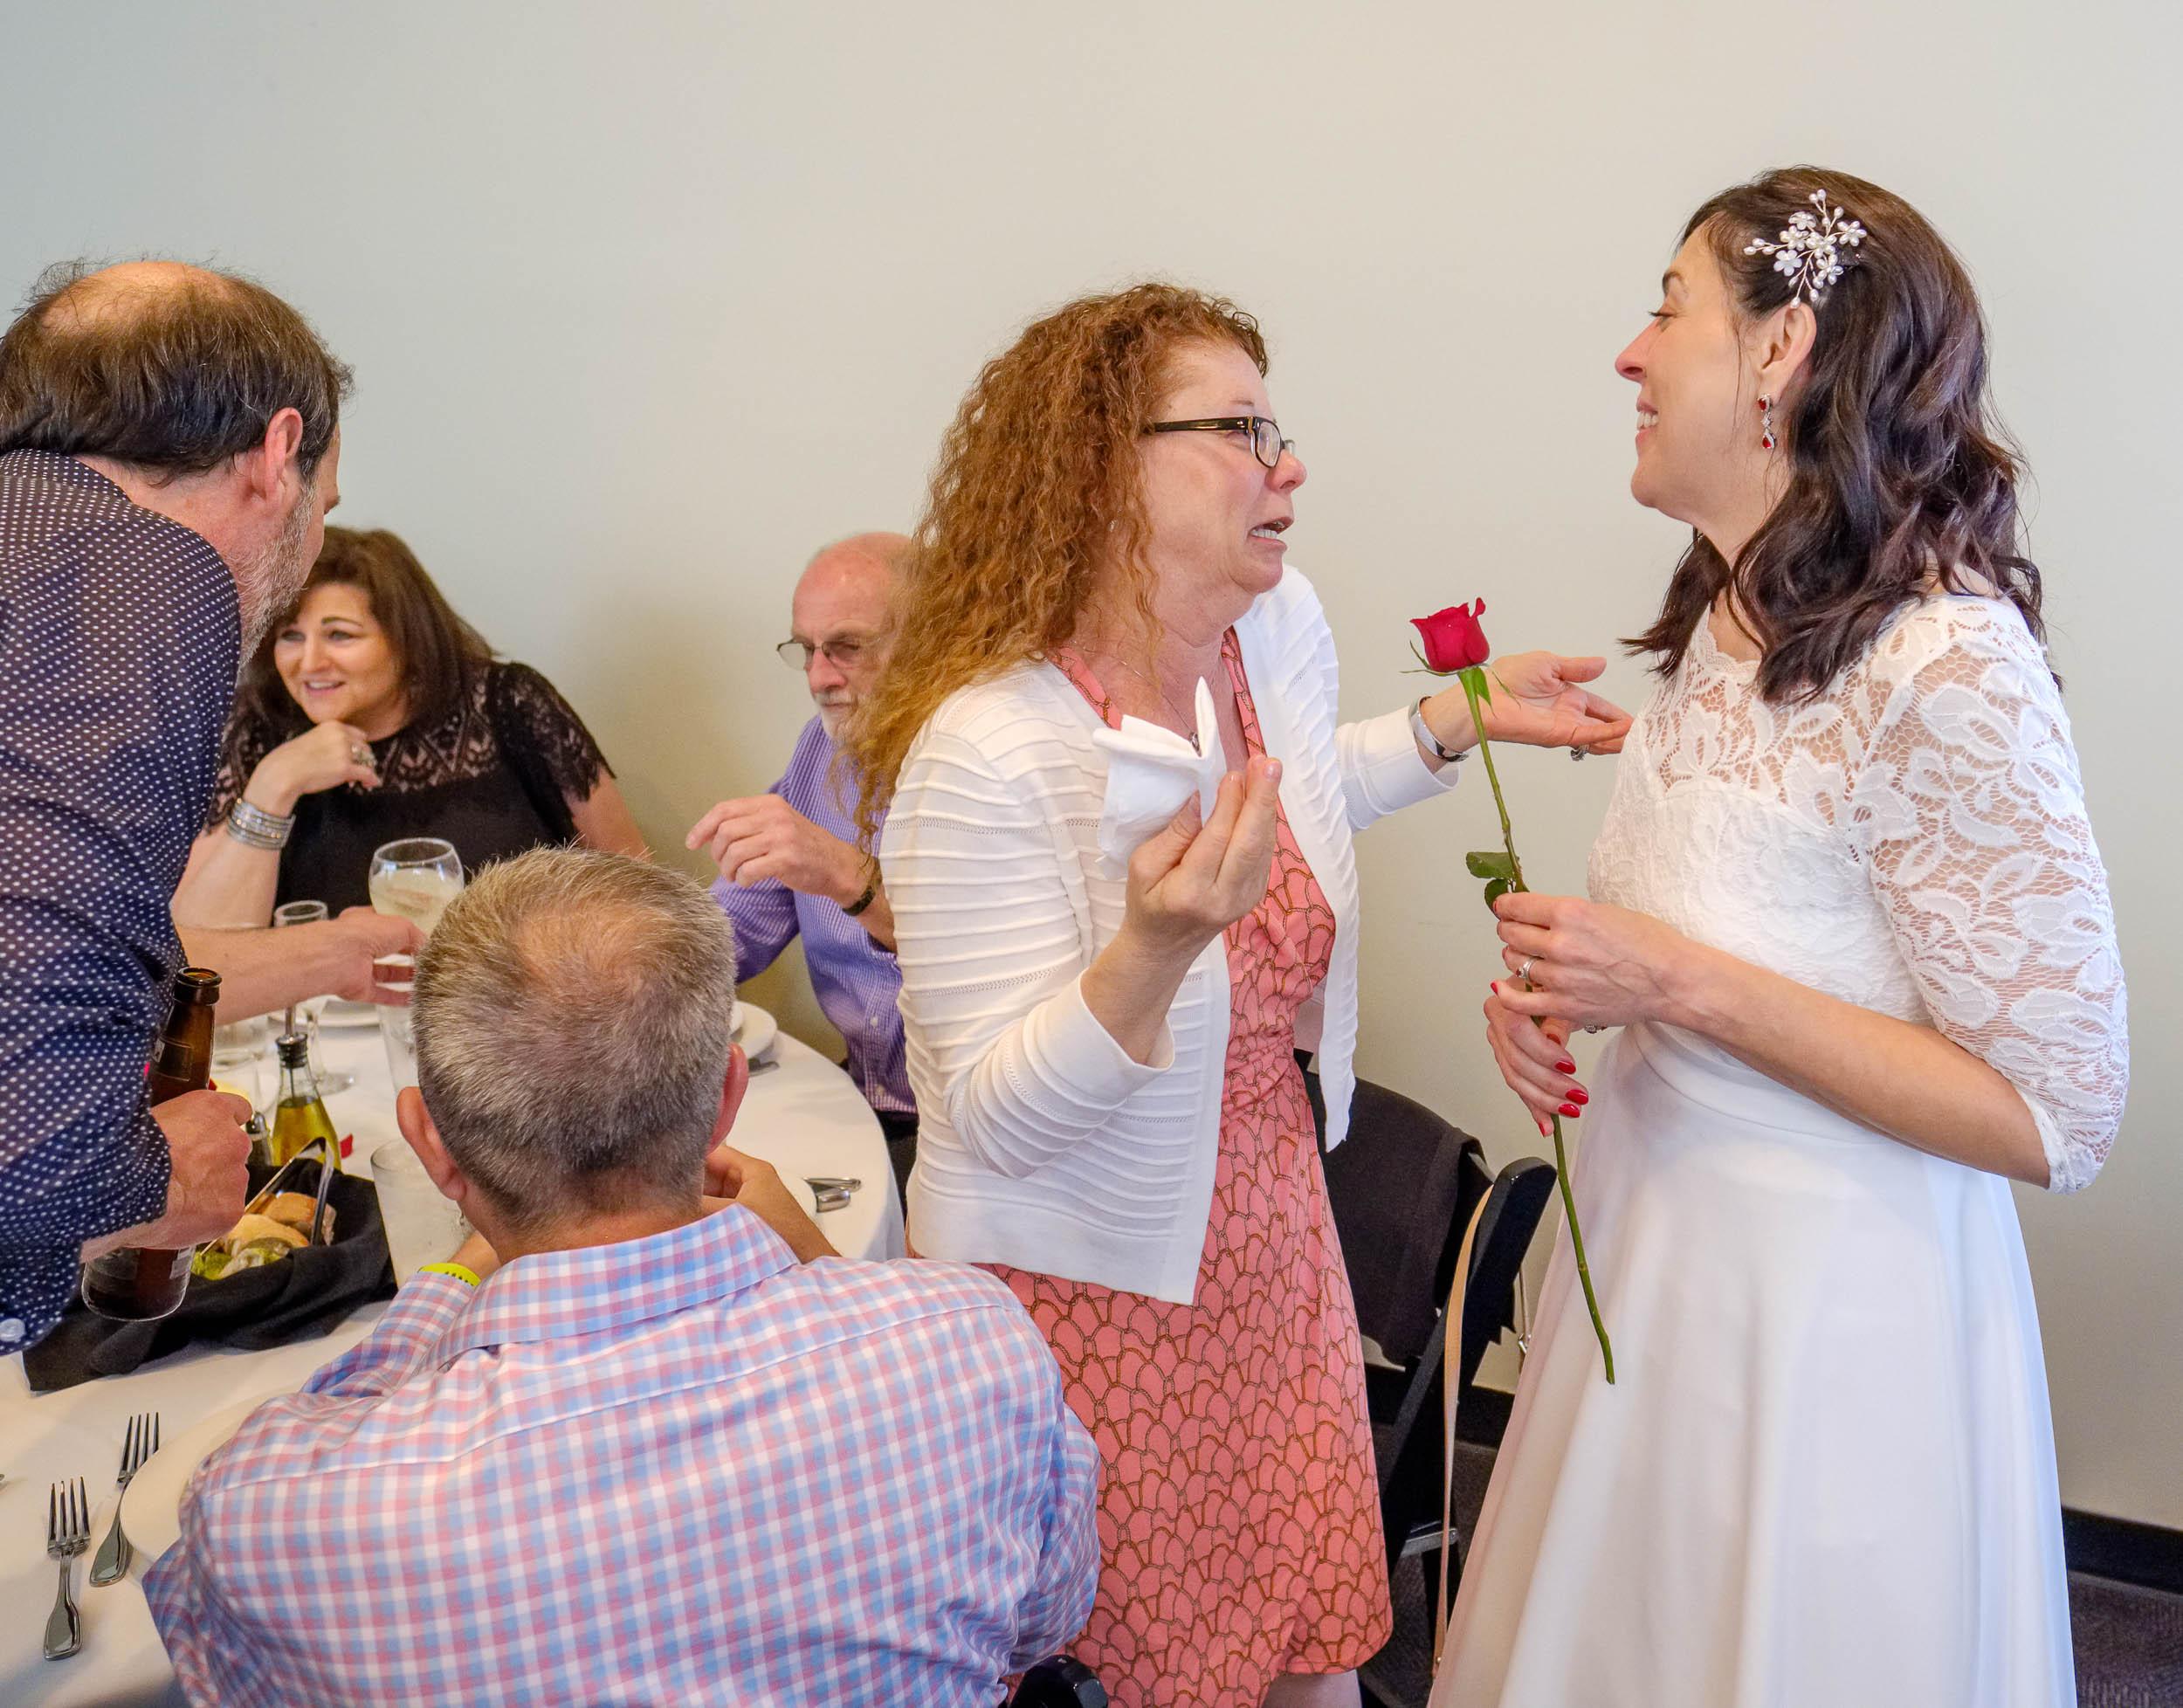 schmidt_wedding-914.jpg